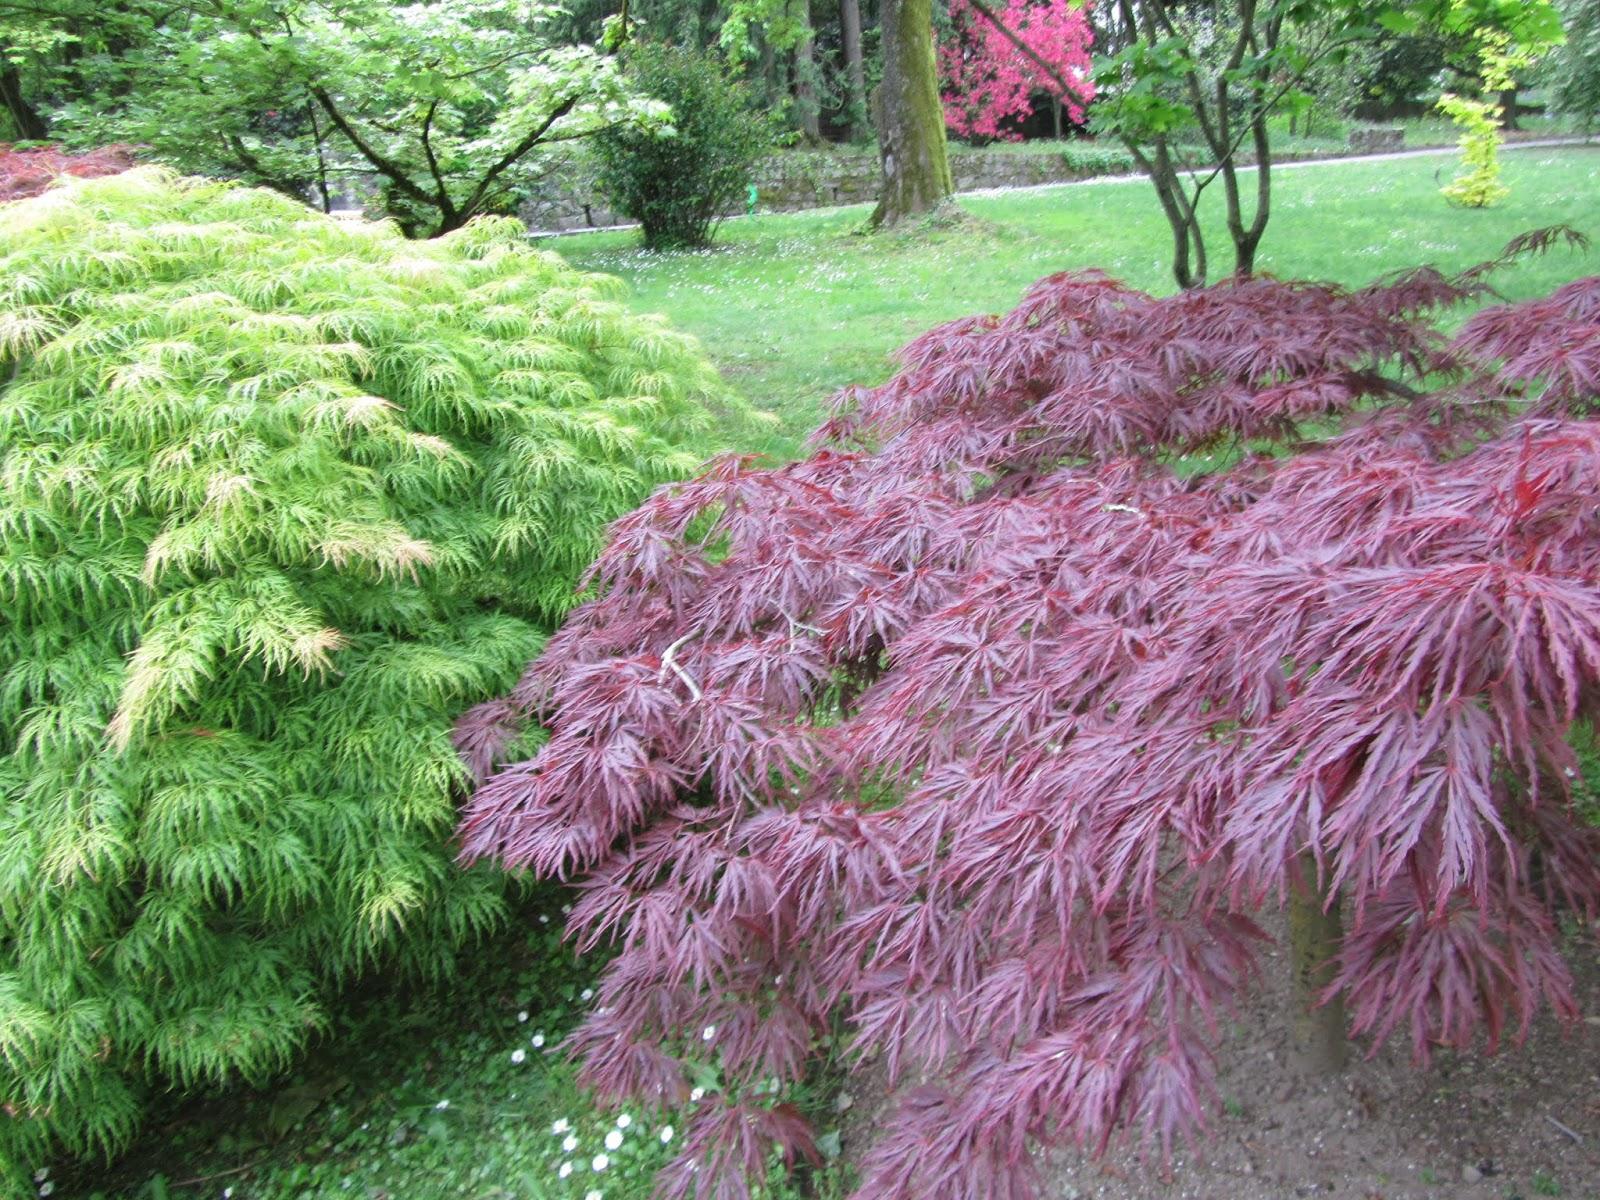 Acero Radici Invasive il gusto della natura: come coltivare l'acero giapponese